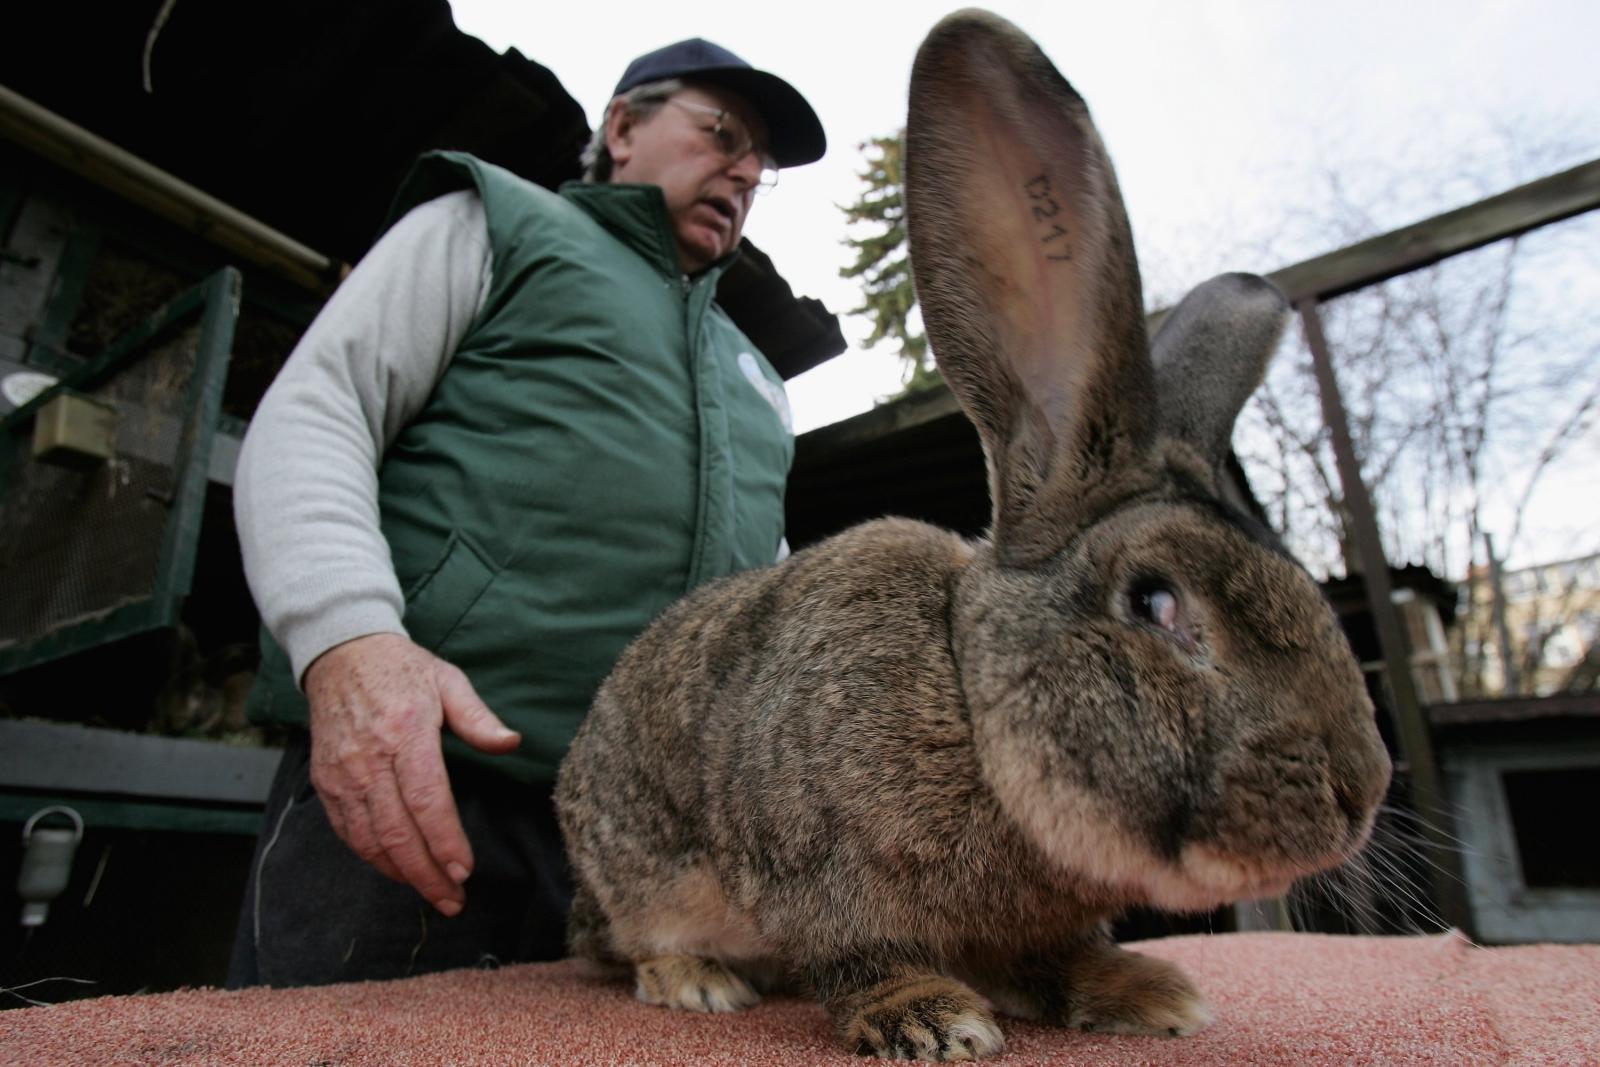 эти даты фото самого большого кроля обожаю